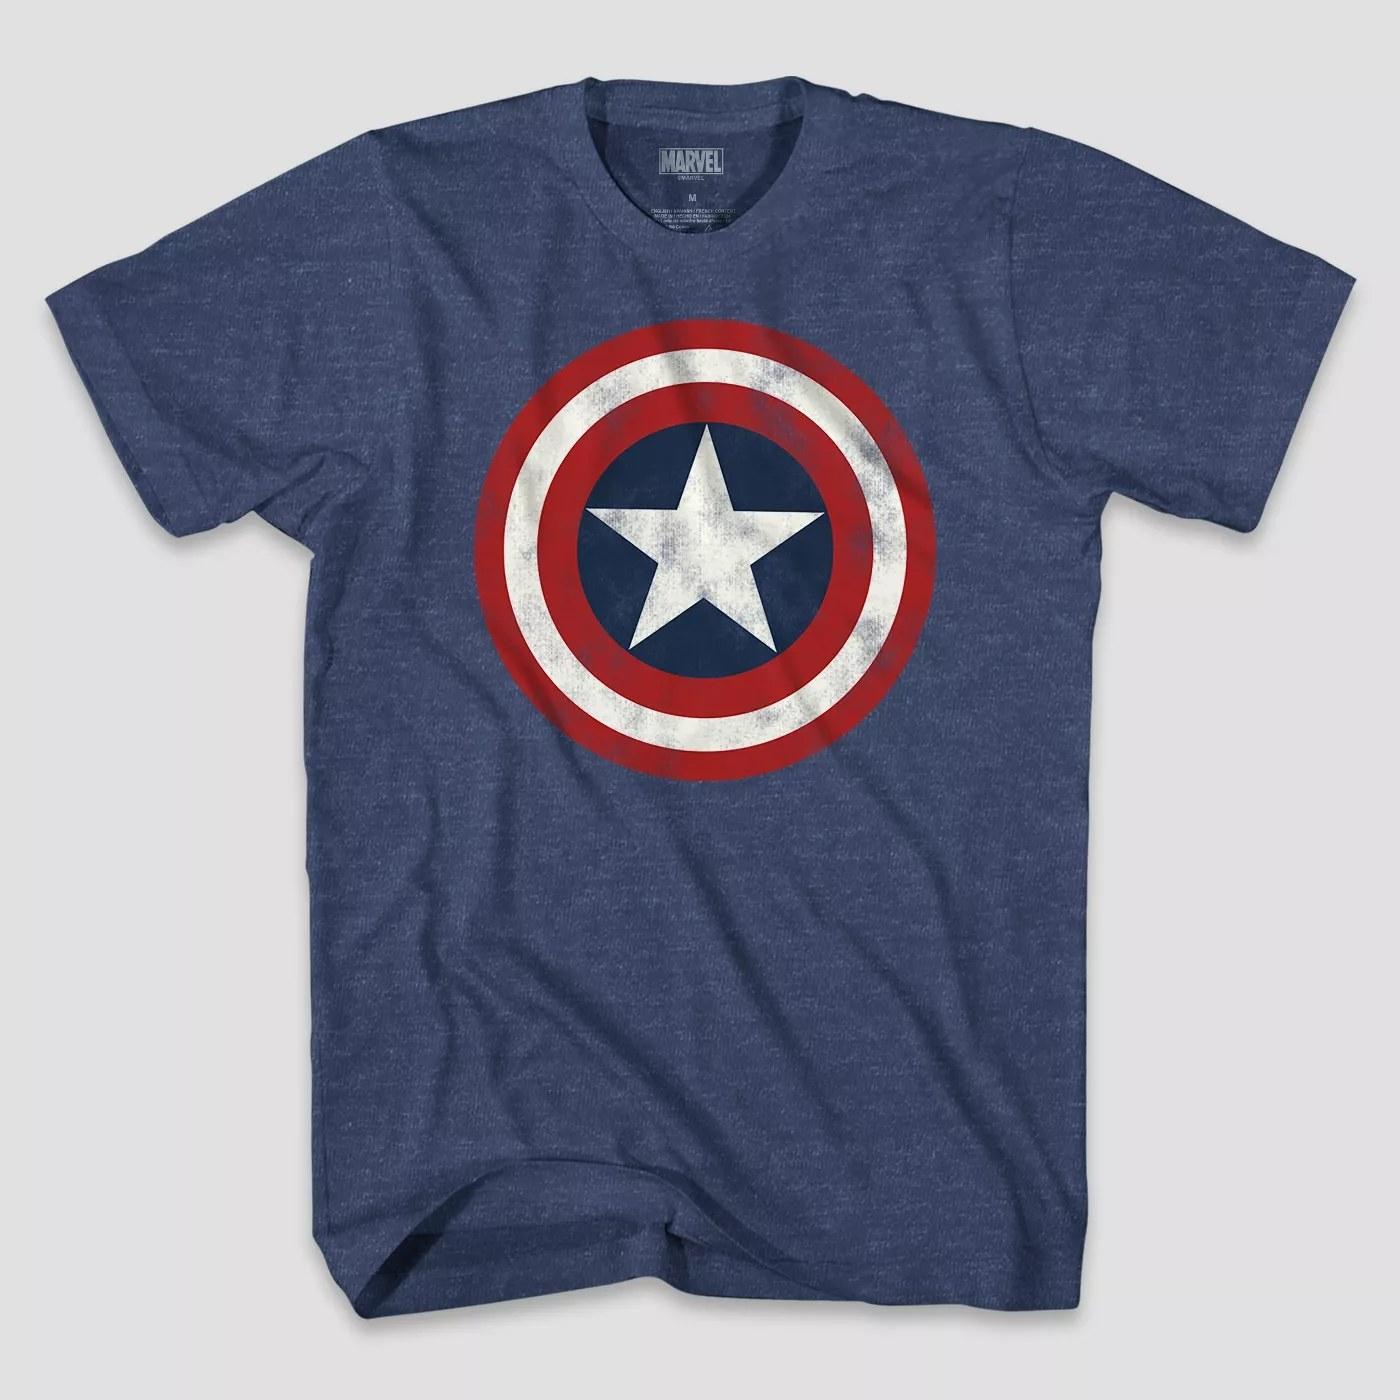 A blue Captain America shirt